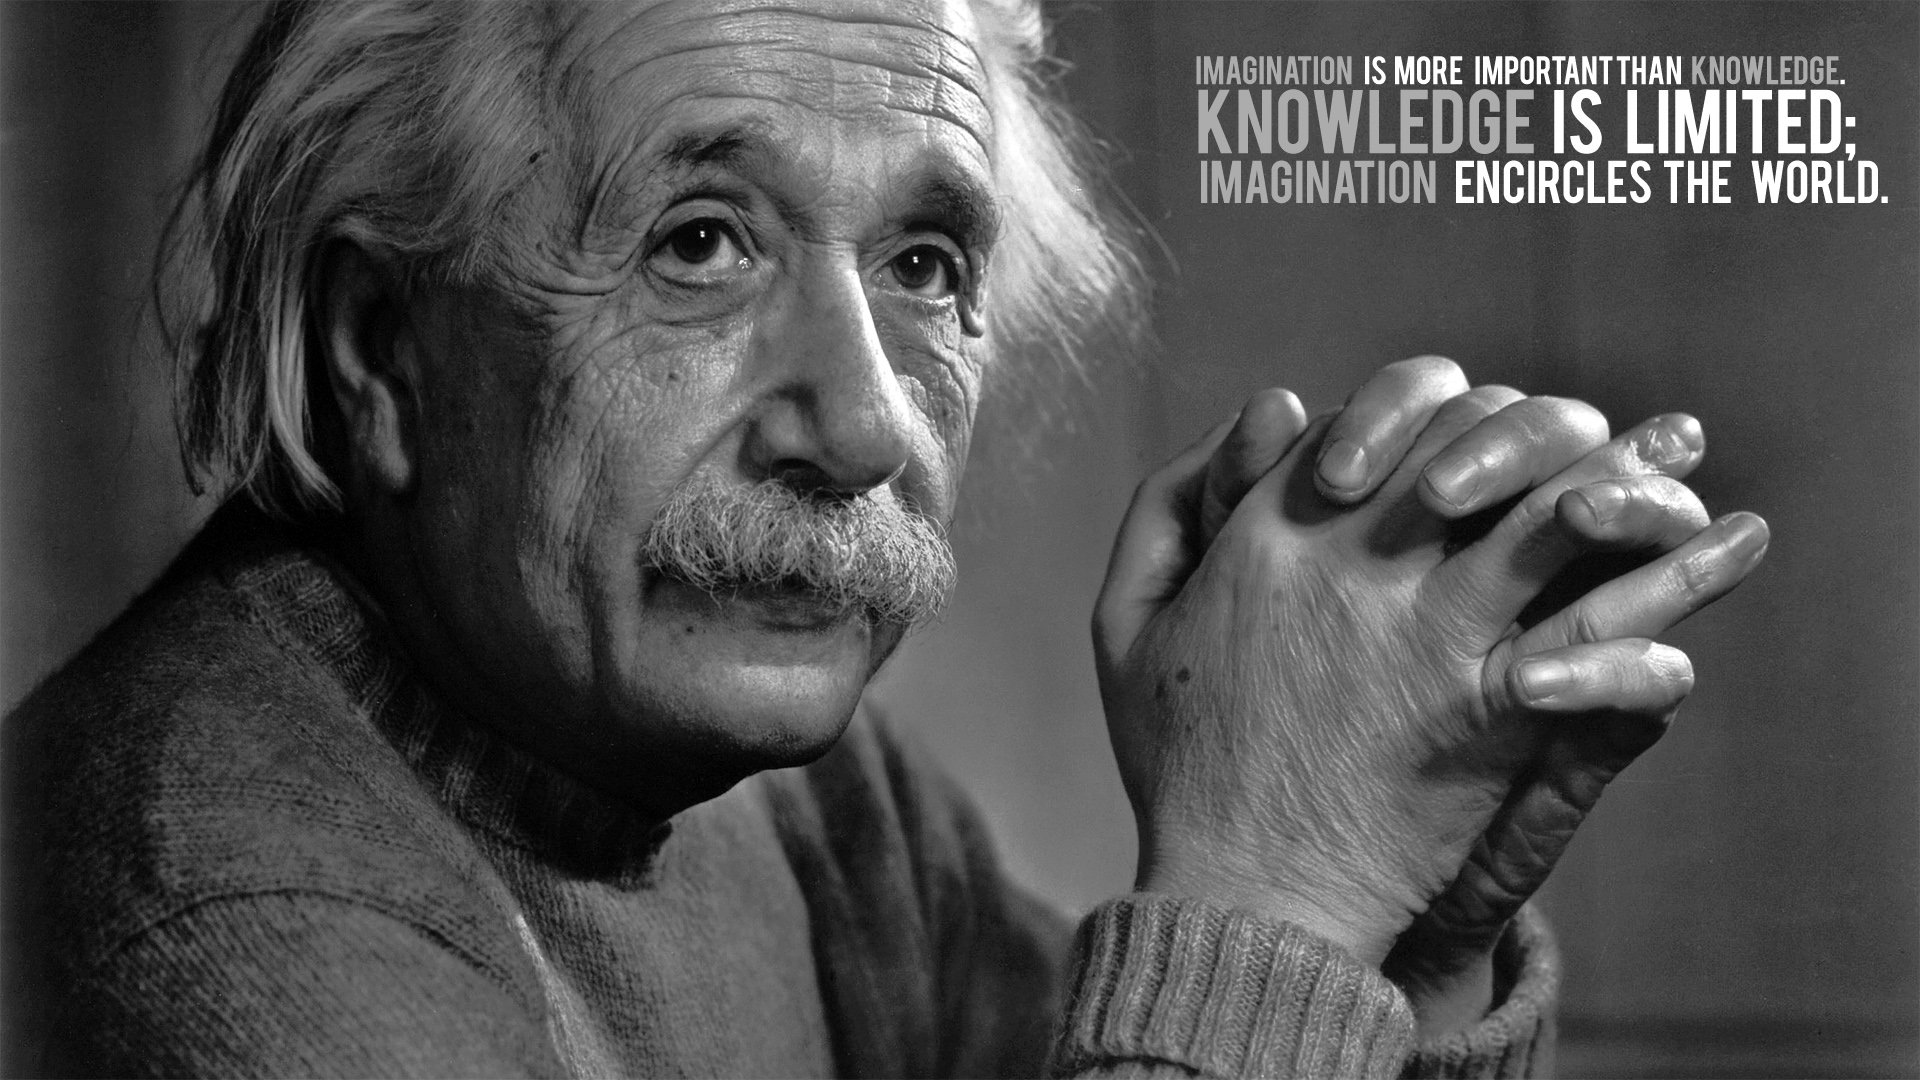 Albert Einstein Typography Design Hd Wallpapers Desktop Backgrounds 1920x1080